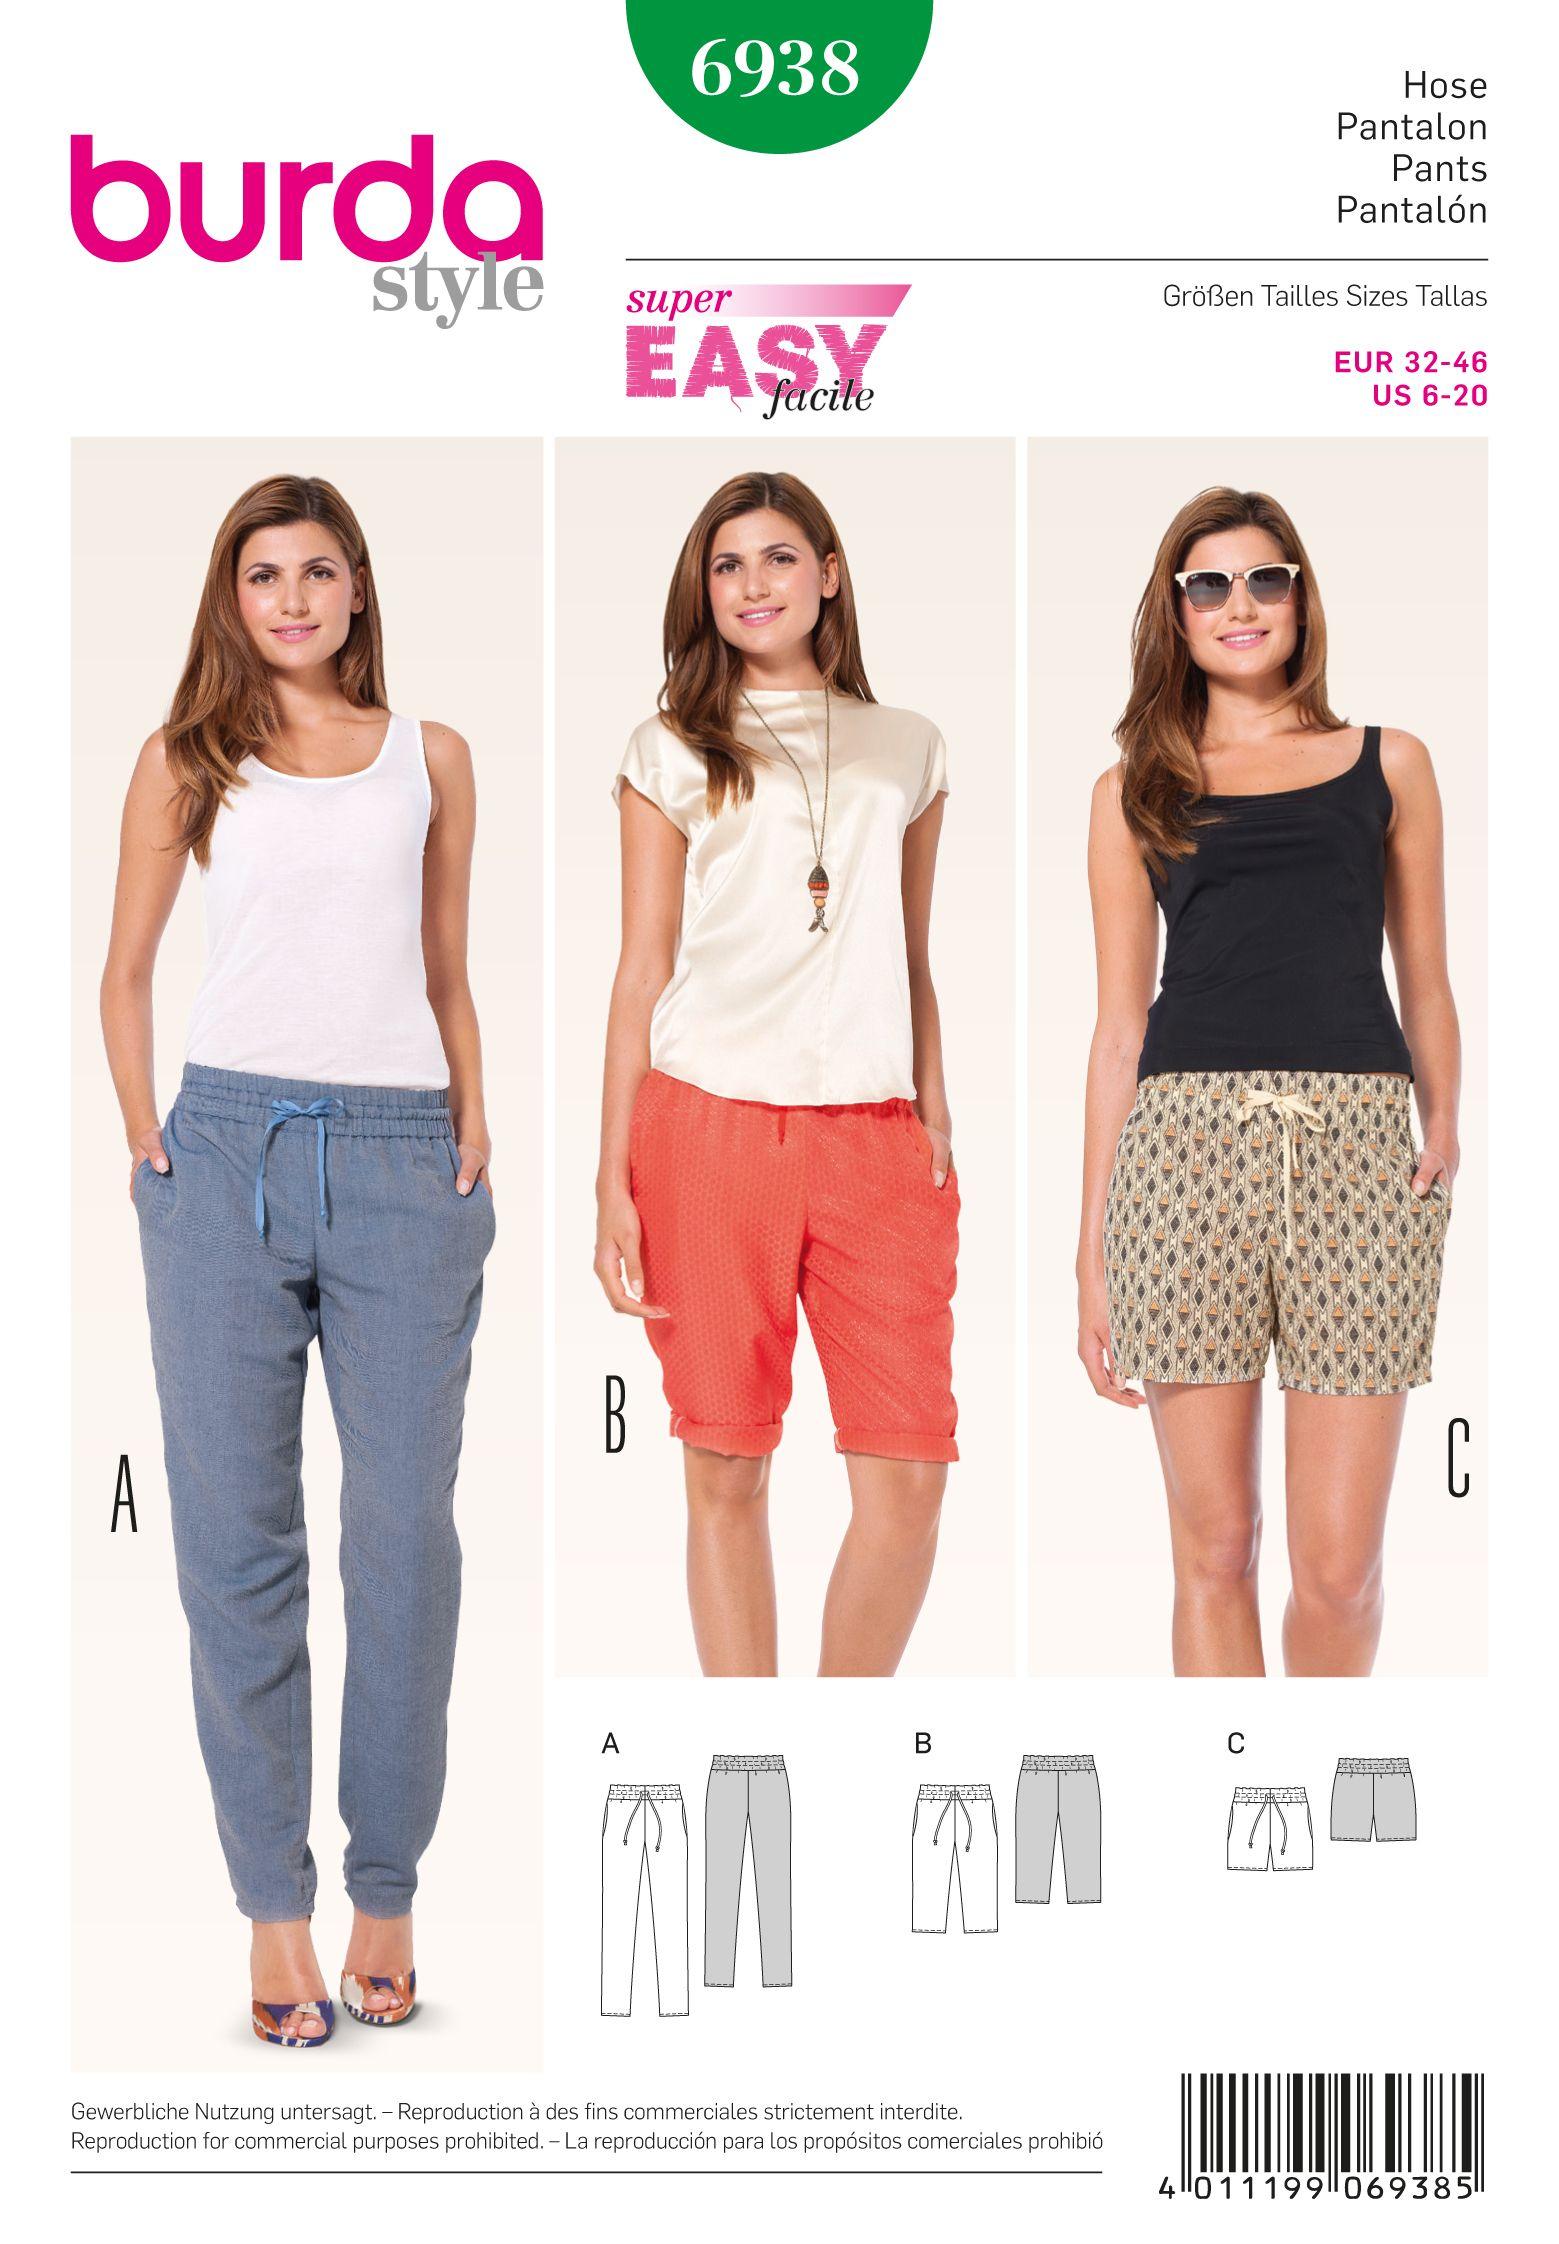 Burda 6938 Pants   Sewing patterns, Patterns and Diy clothing